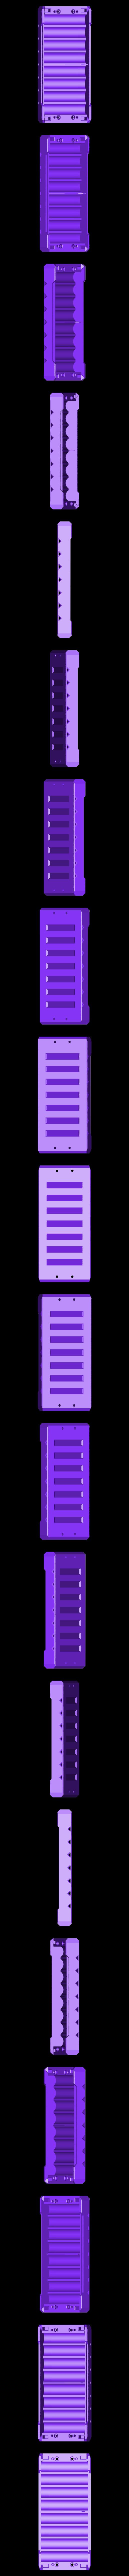 18650_2S4P_base.stl Télécharger fichier STL gratuit NESE, le module V2 sans soudure 18650 (FERMÉ) • Objet pour imprimante 3D, 18650